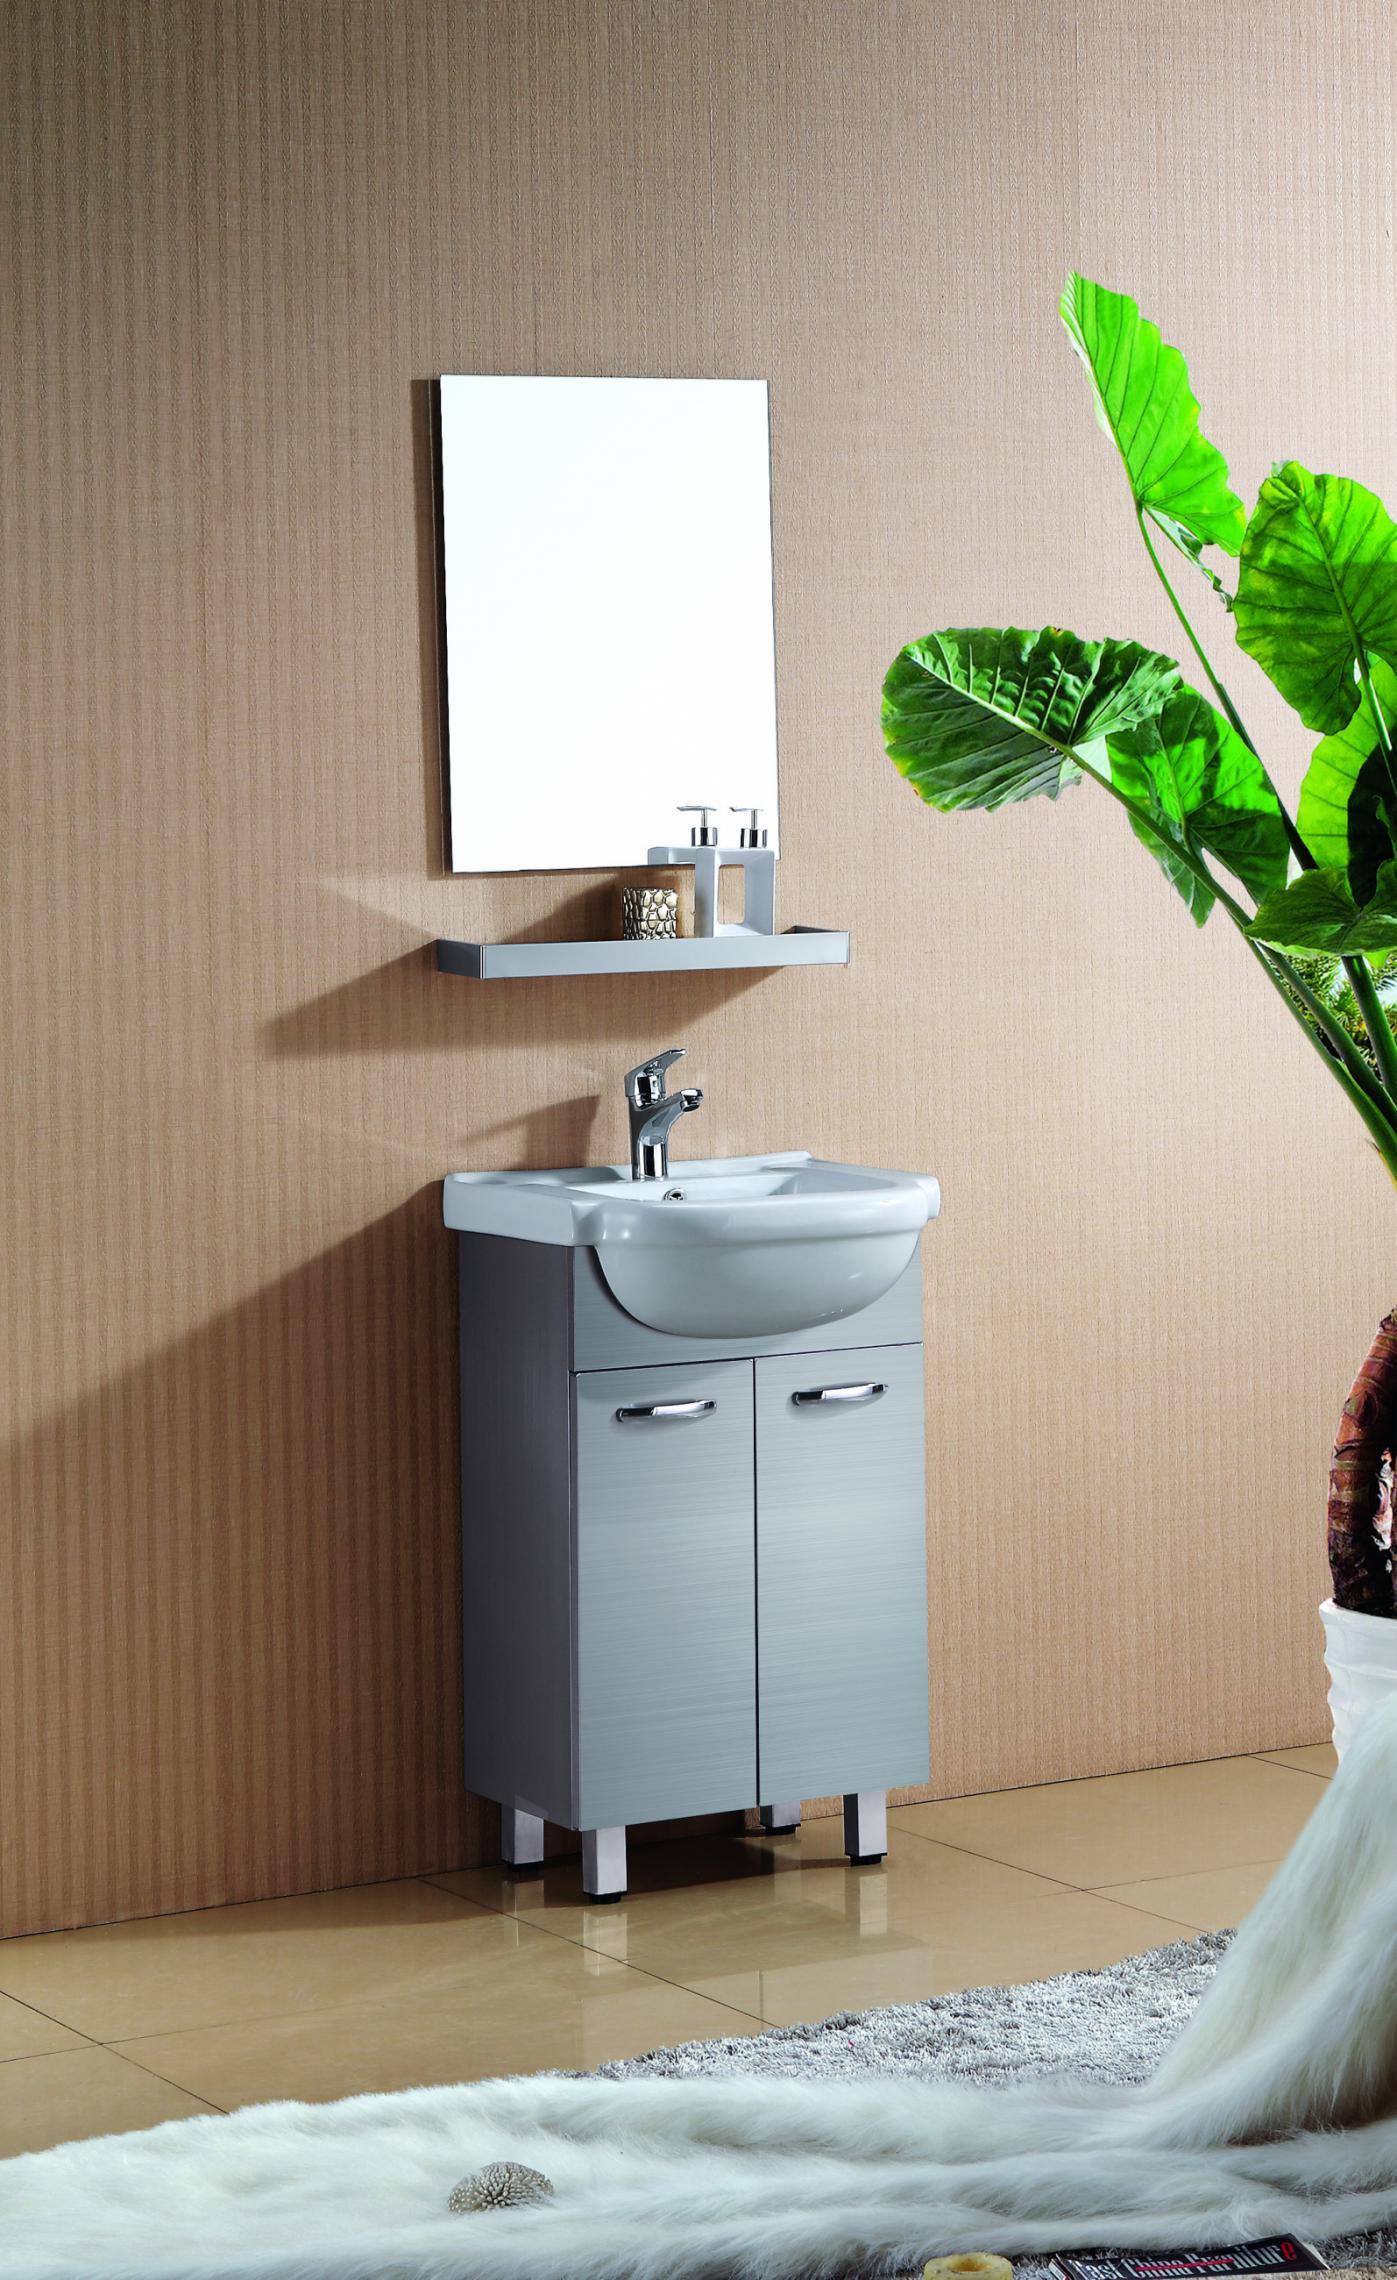 Bộ tủ chậu lavabo phòng tắm SUS304 MN-8815 2